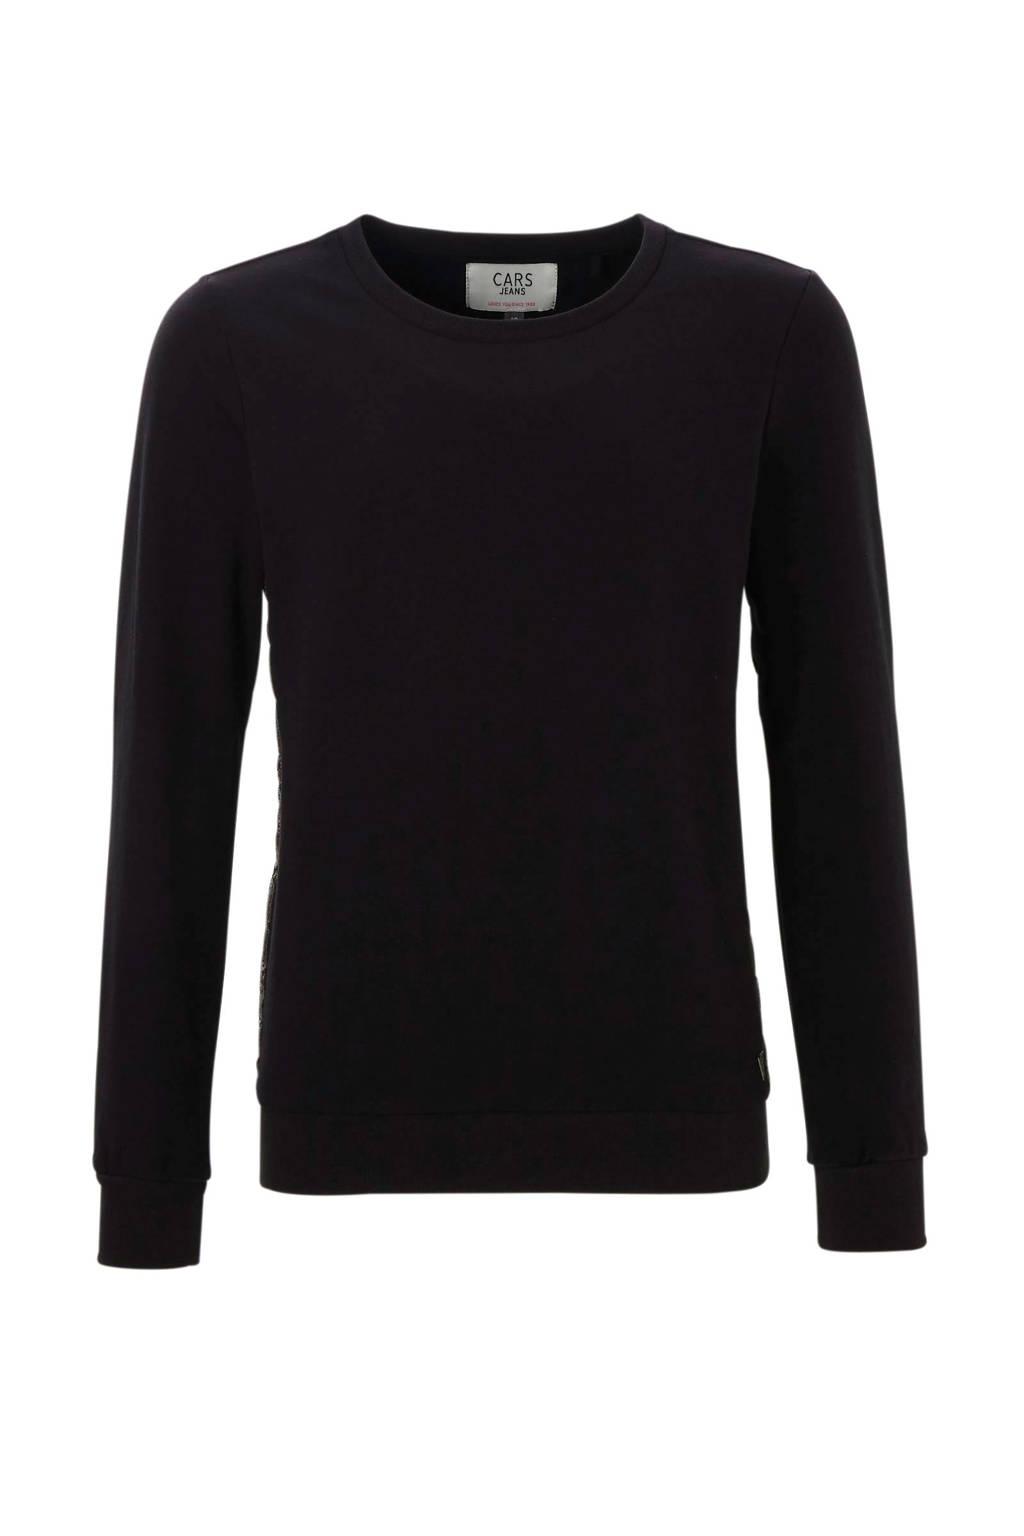 Cars sweater met contrastbies zwart, Zwart/slang